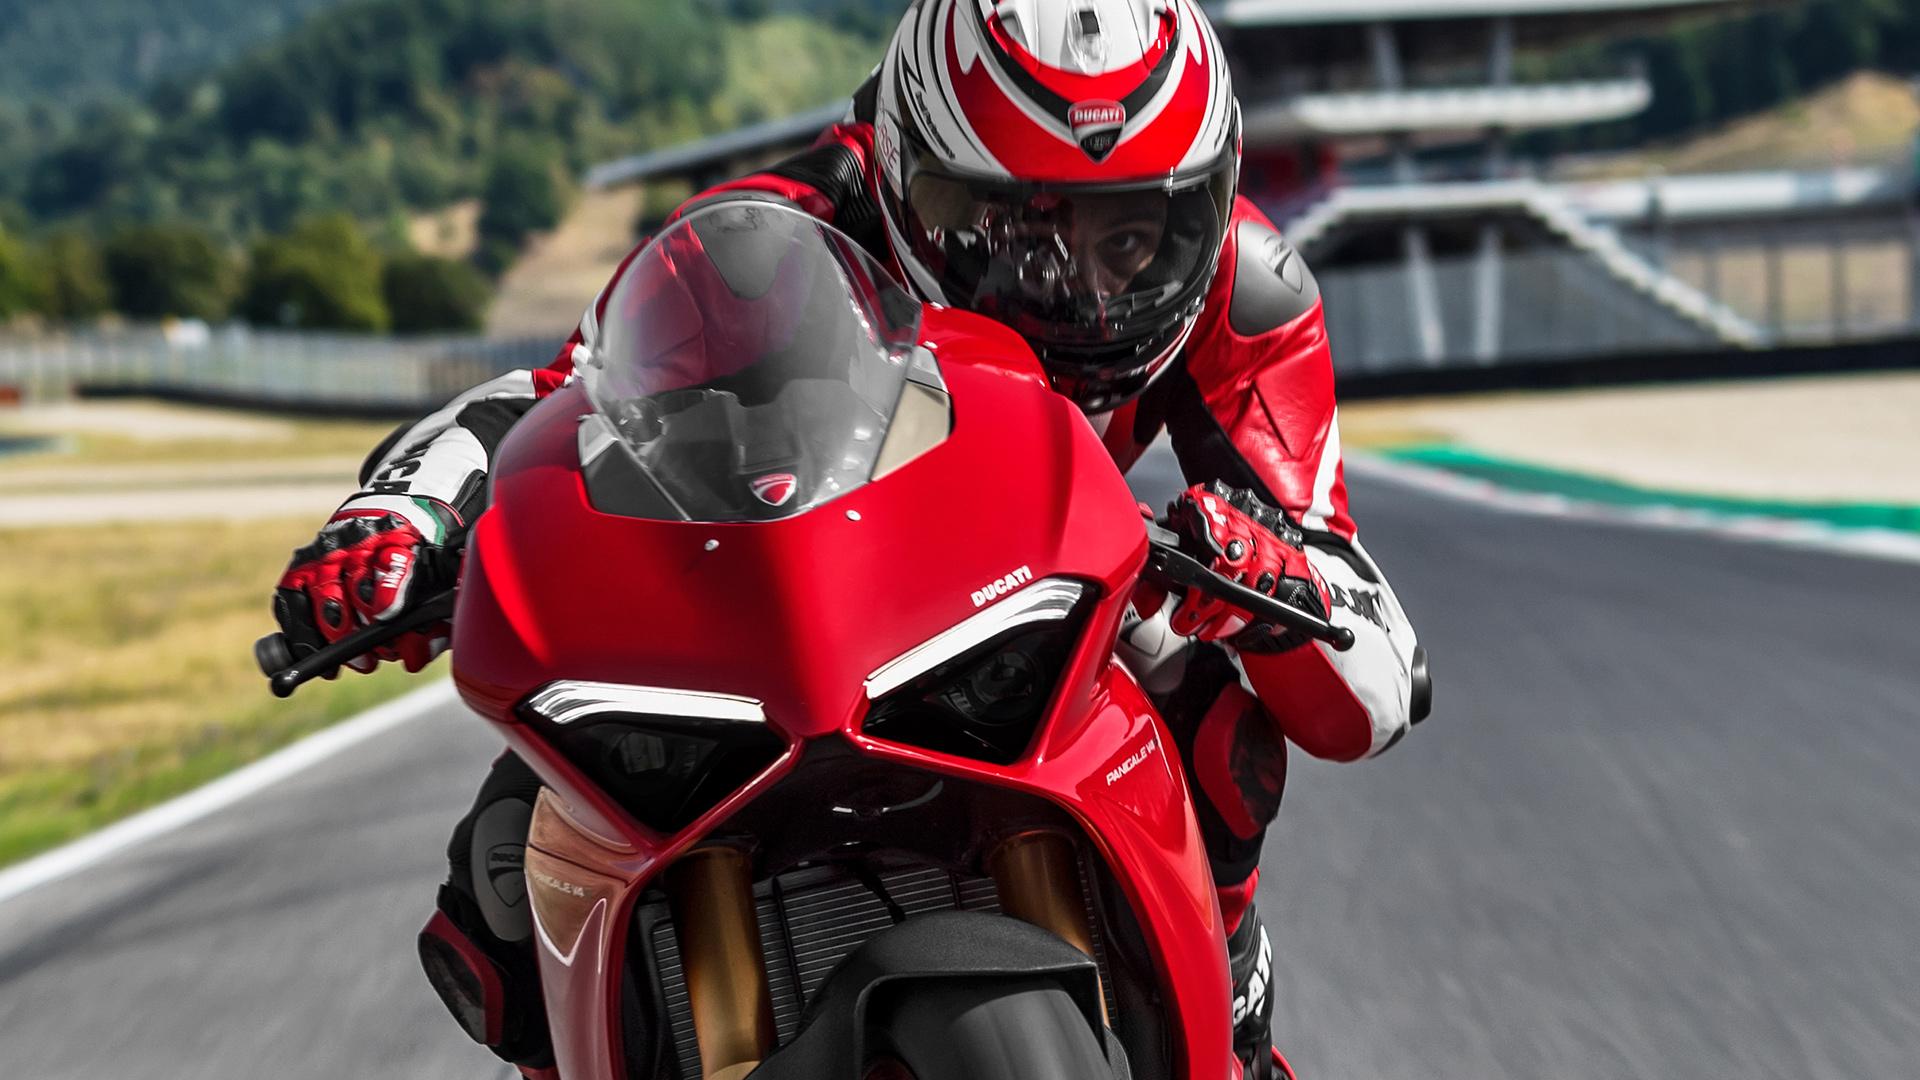 Ducati V Foto